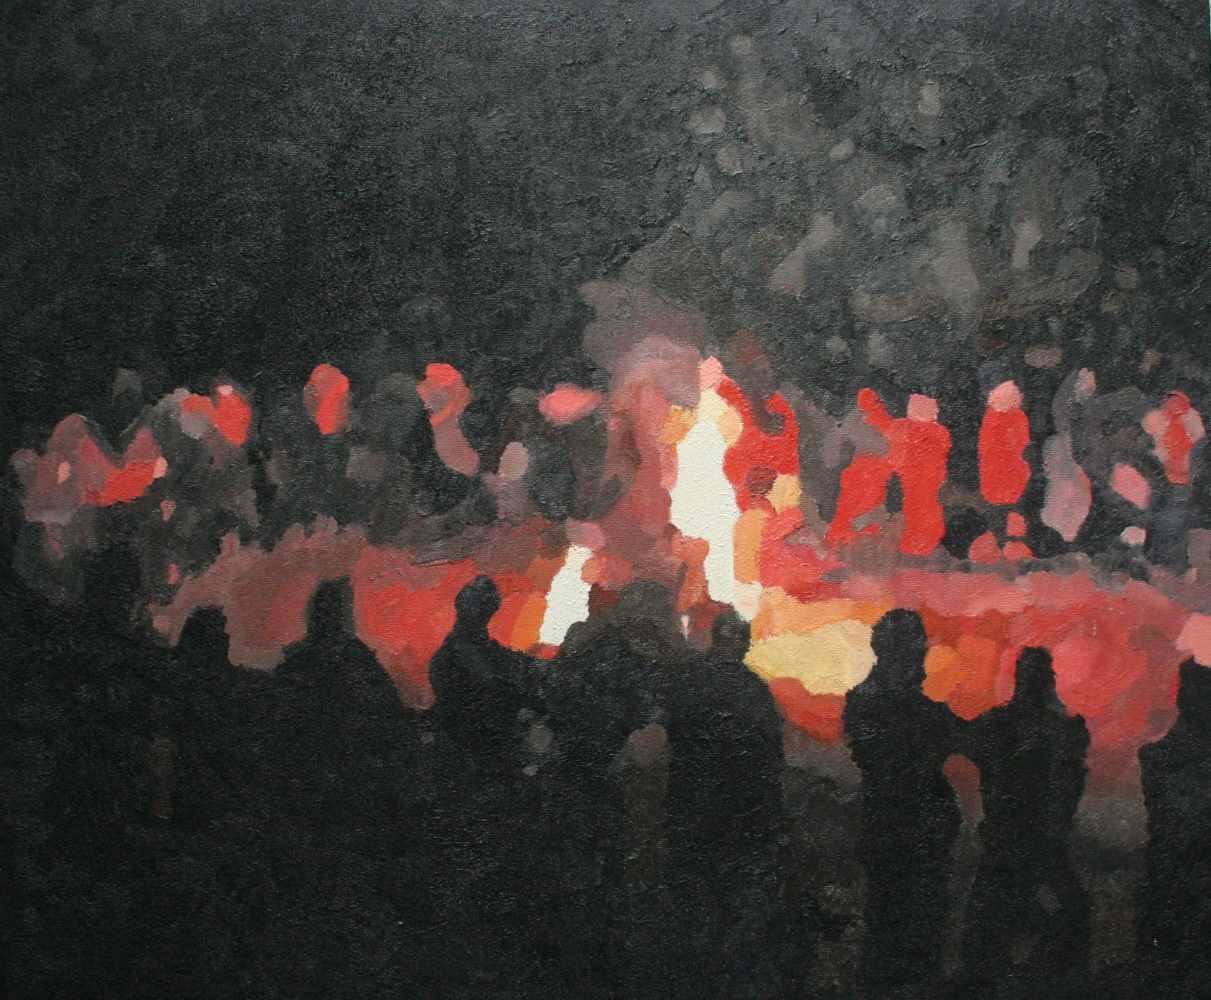 Foc de Sant Joan 60 x 50 cm februari 2010 Gent